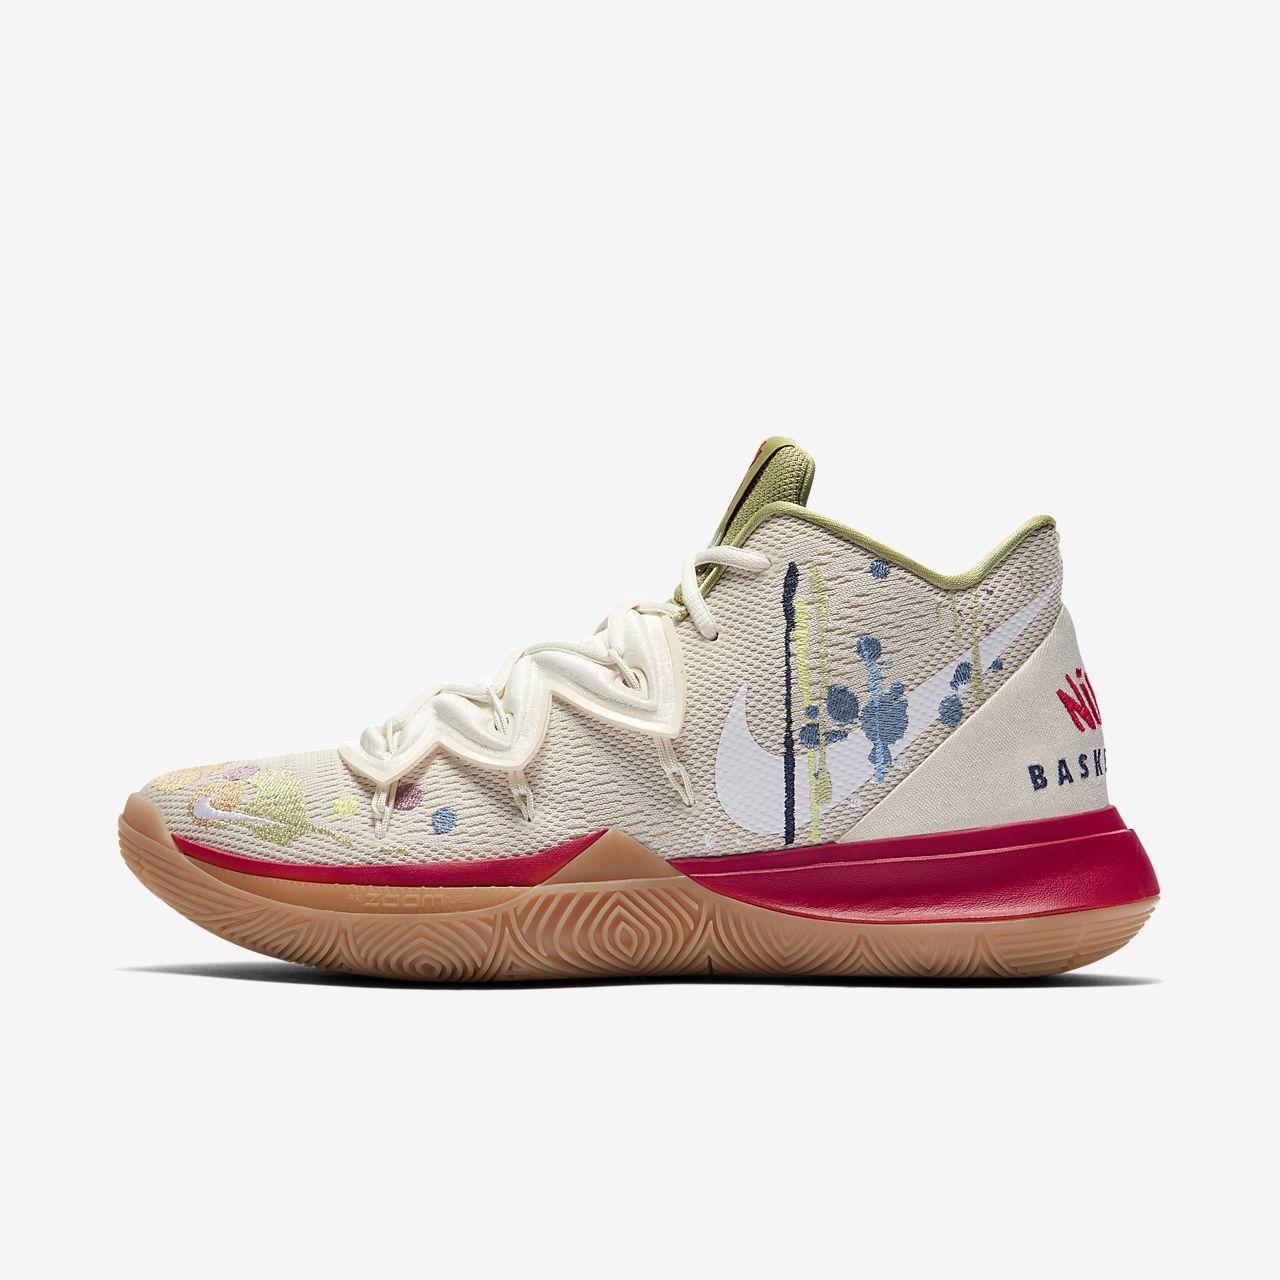 Buty do koszykówki Kyrie 5 x Bandulu